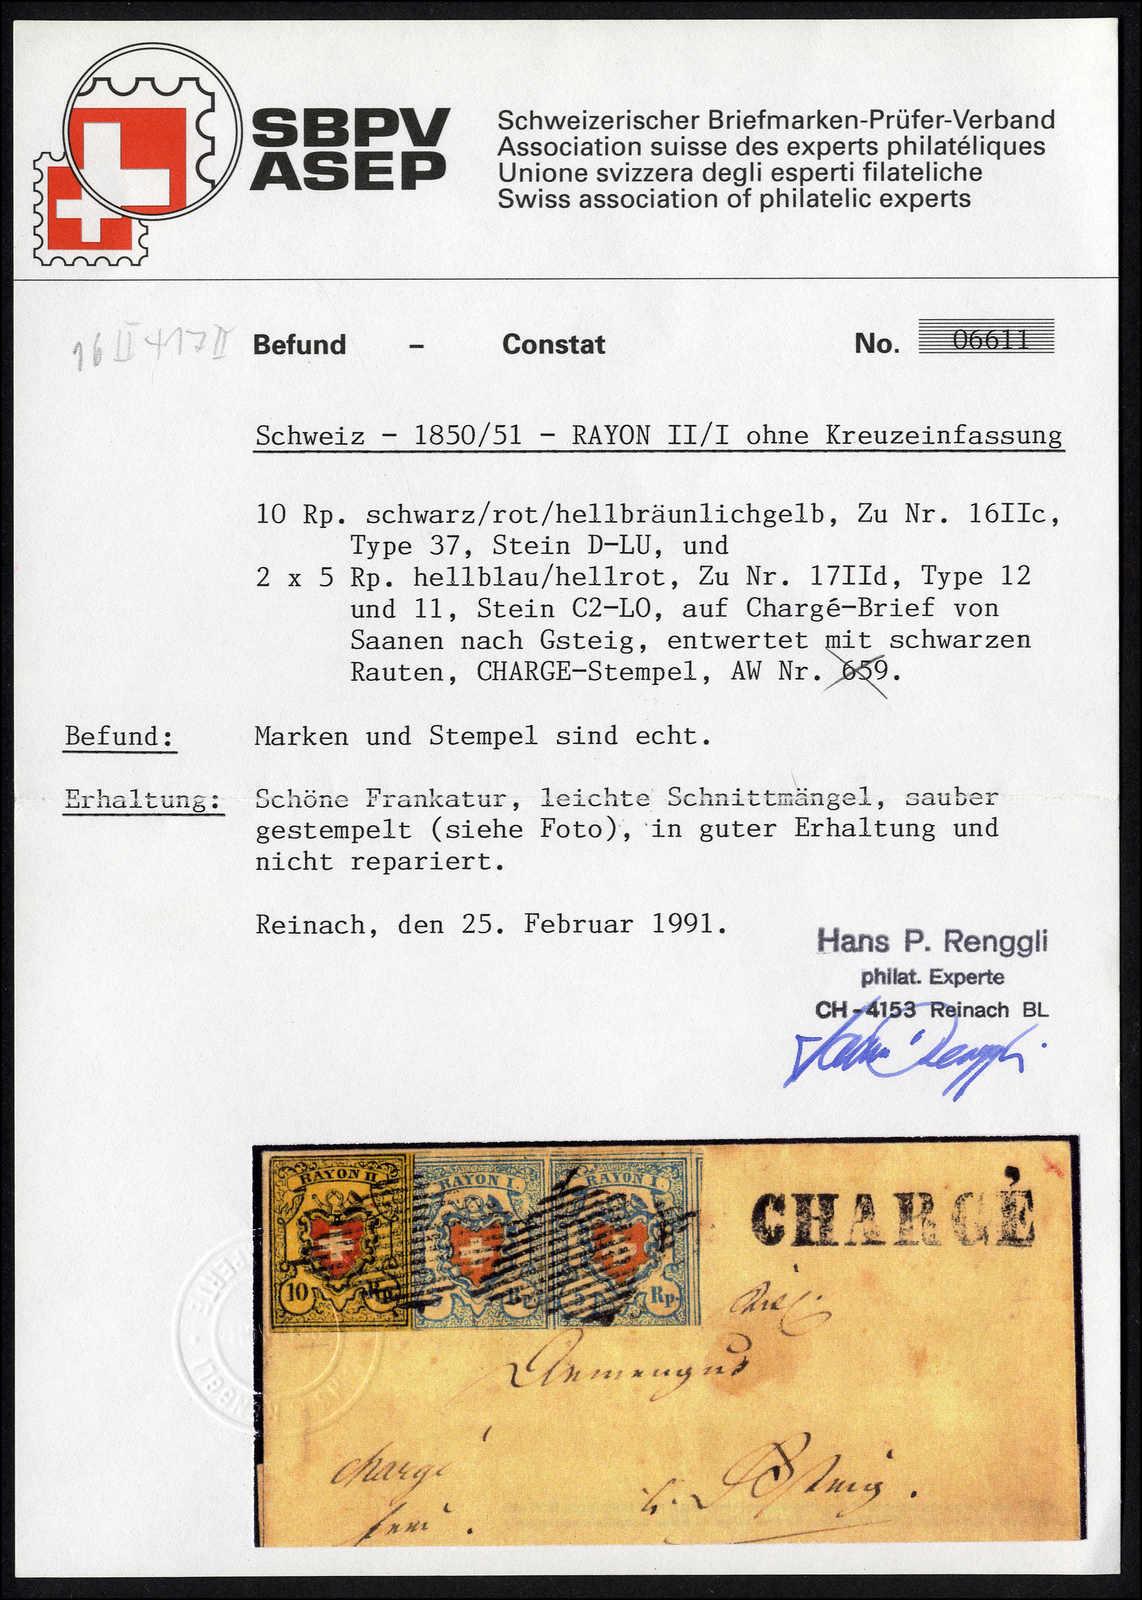 Lot 65 - sammlungen und posten sammlungen und posten altschweiz -  Rolli Auctions Auction #68 Day 1